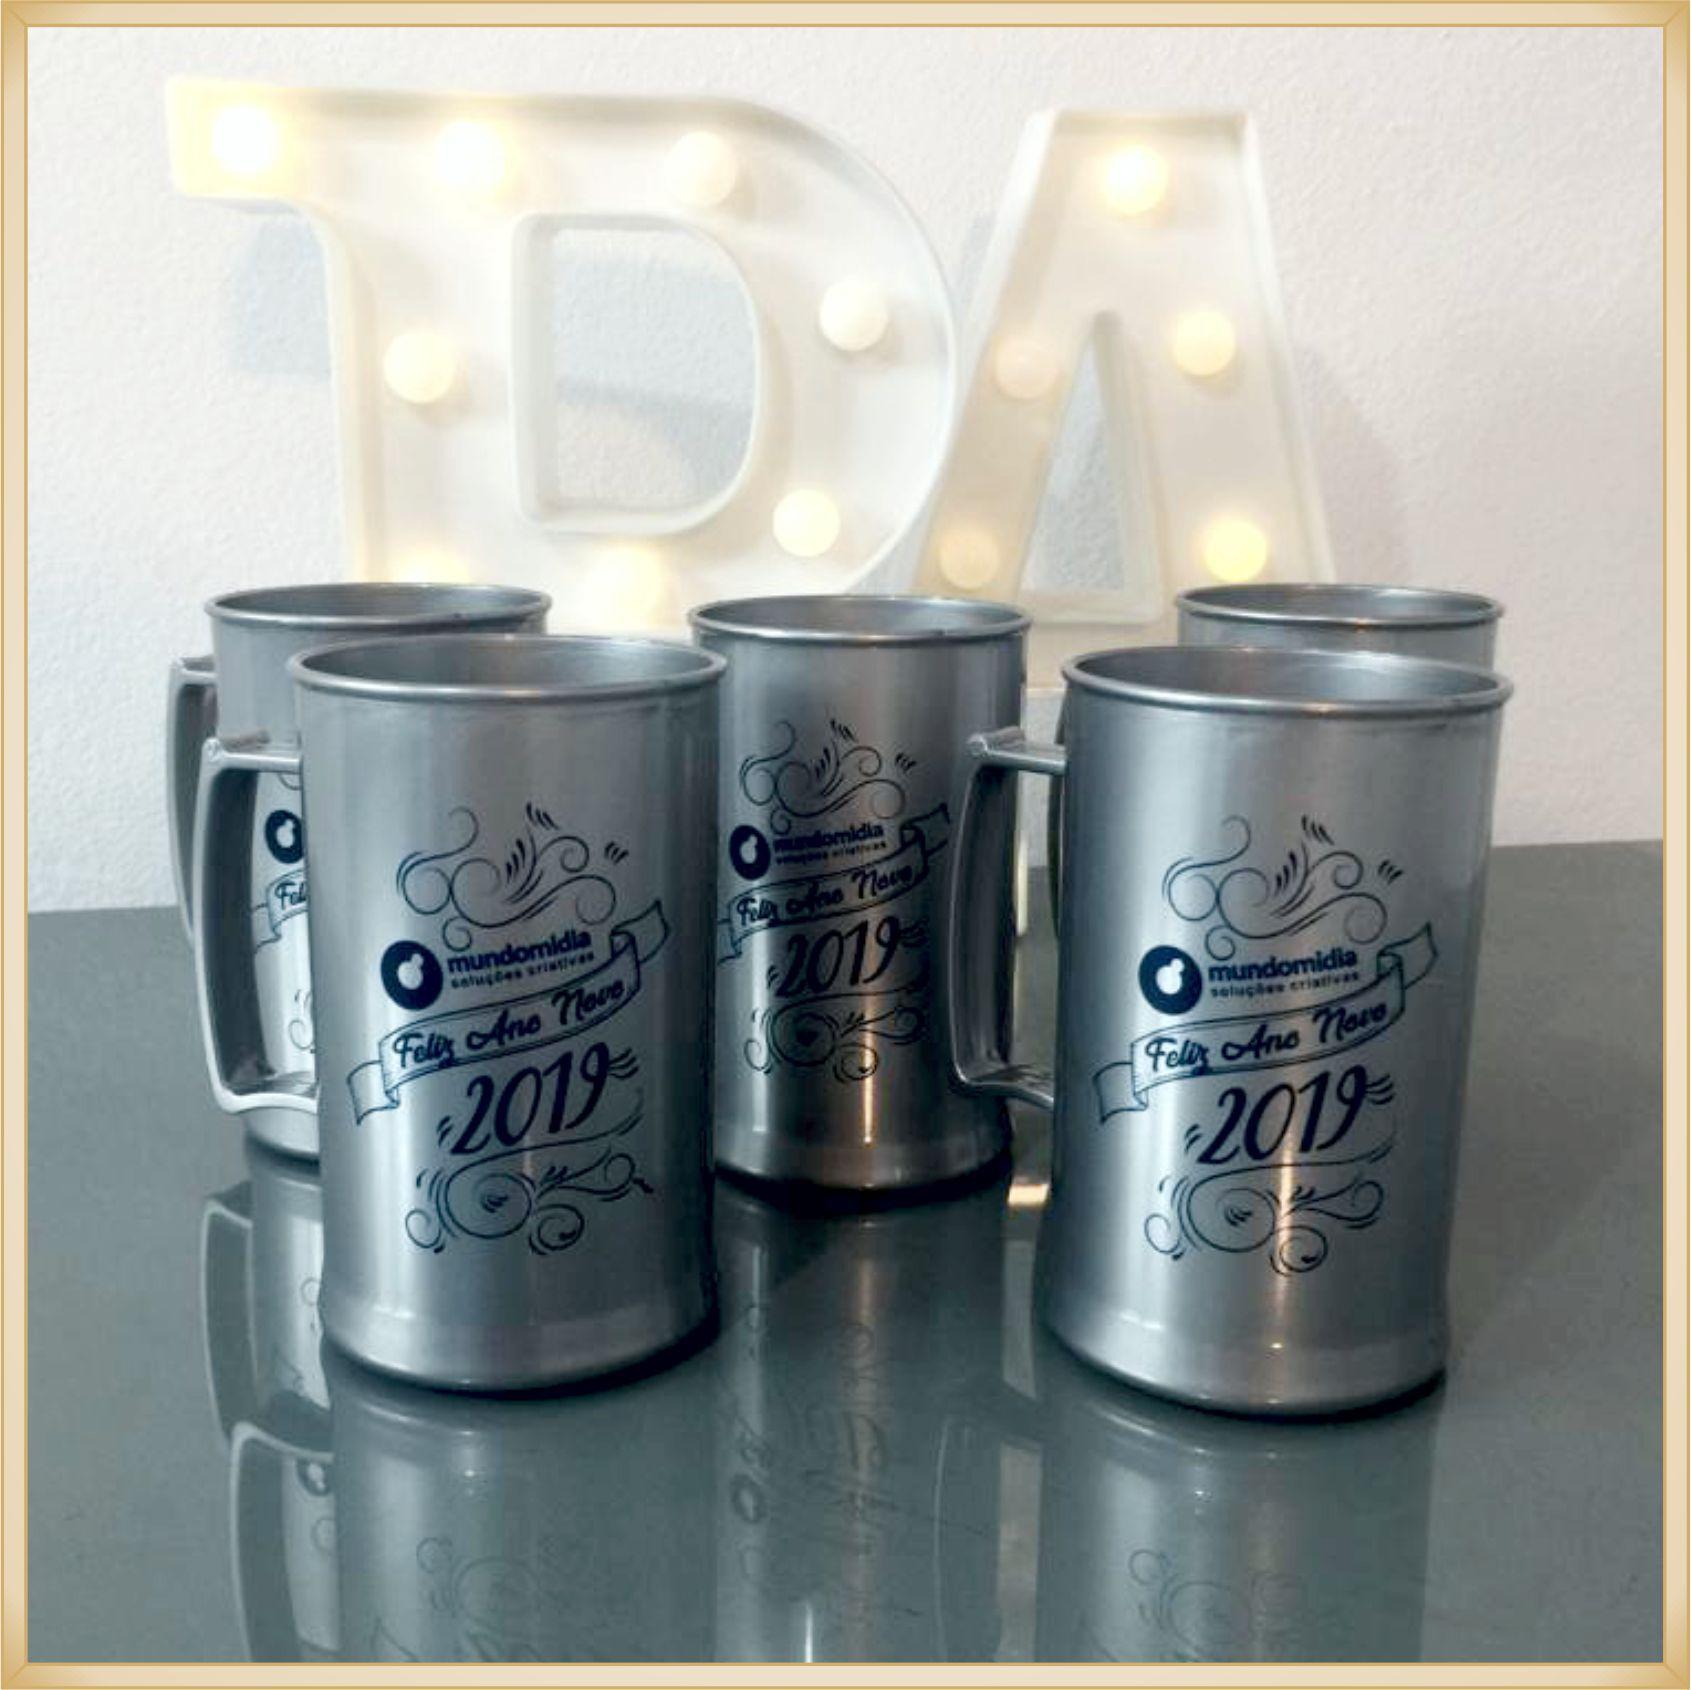 Canecas de acrílico personalizadas para empresas - alta qualidade, acabamento perfeito, parede de 2,5 mm, material atóxico, 300 ml - kit 100 unidades